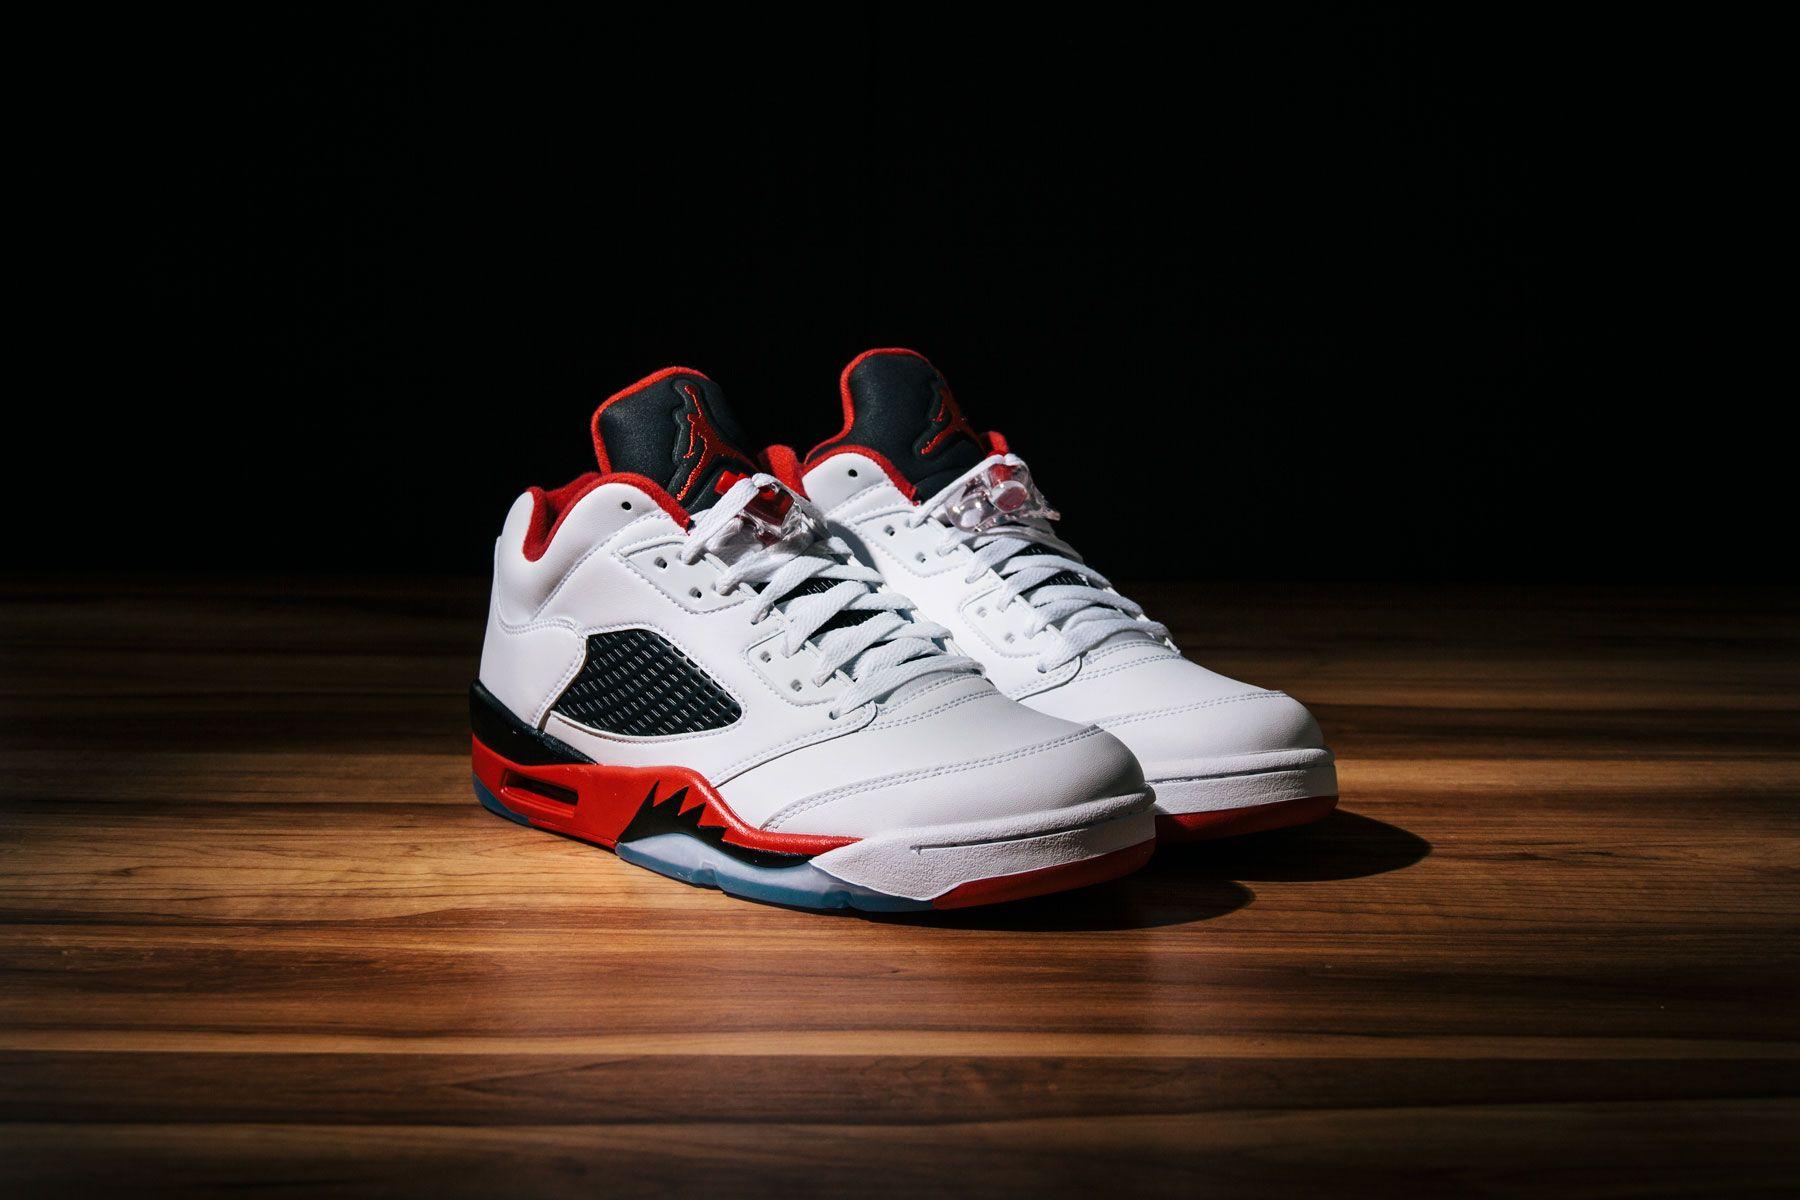 hot sale online a745f 0728f Air Jordan 5 Gs Fuego Bajos Rojos 800 falsa separación precios de venta  Amazon precio barato